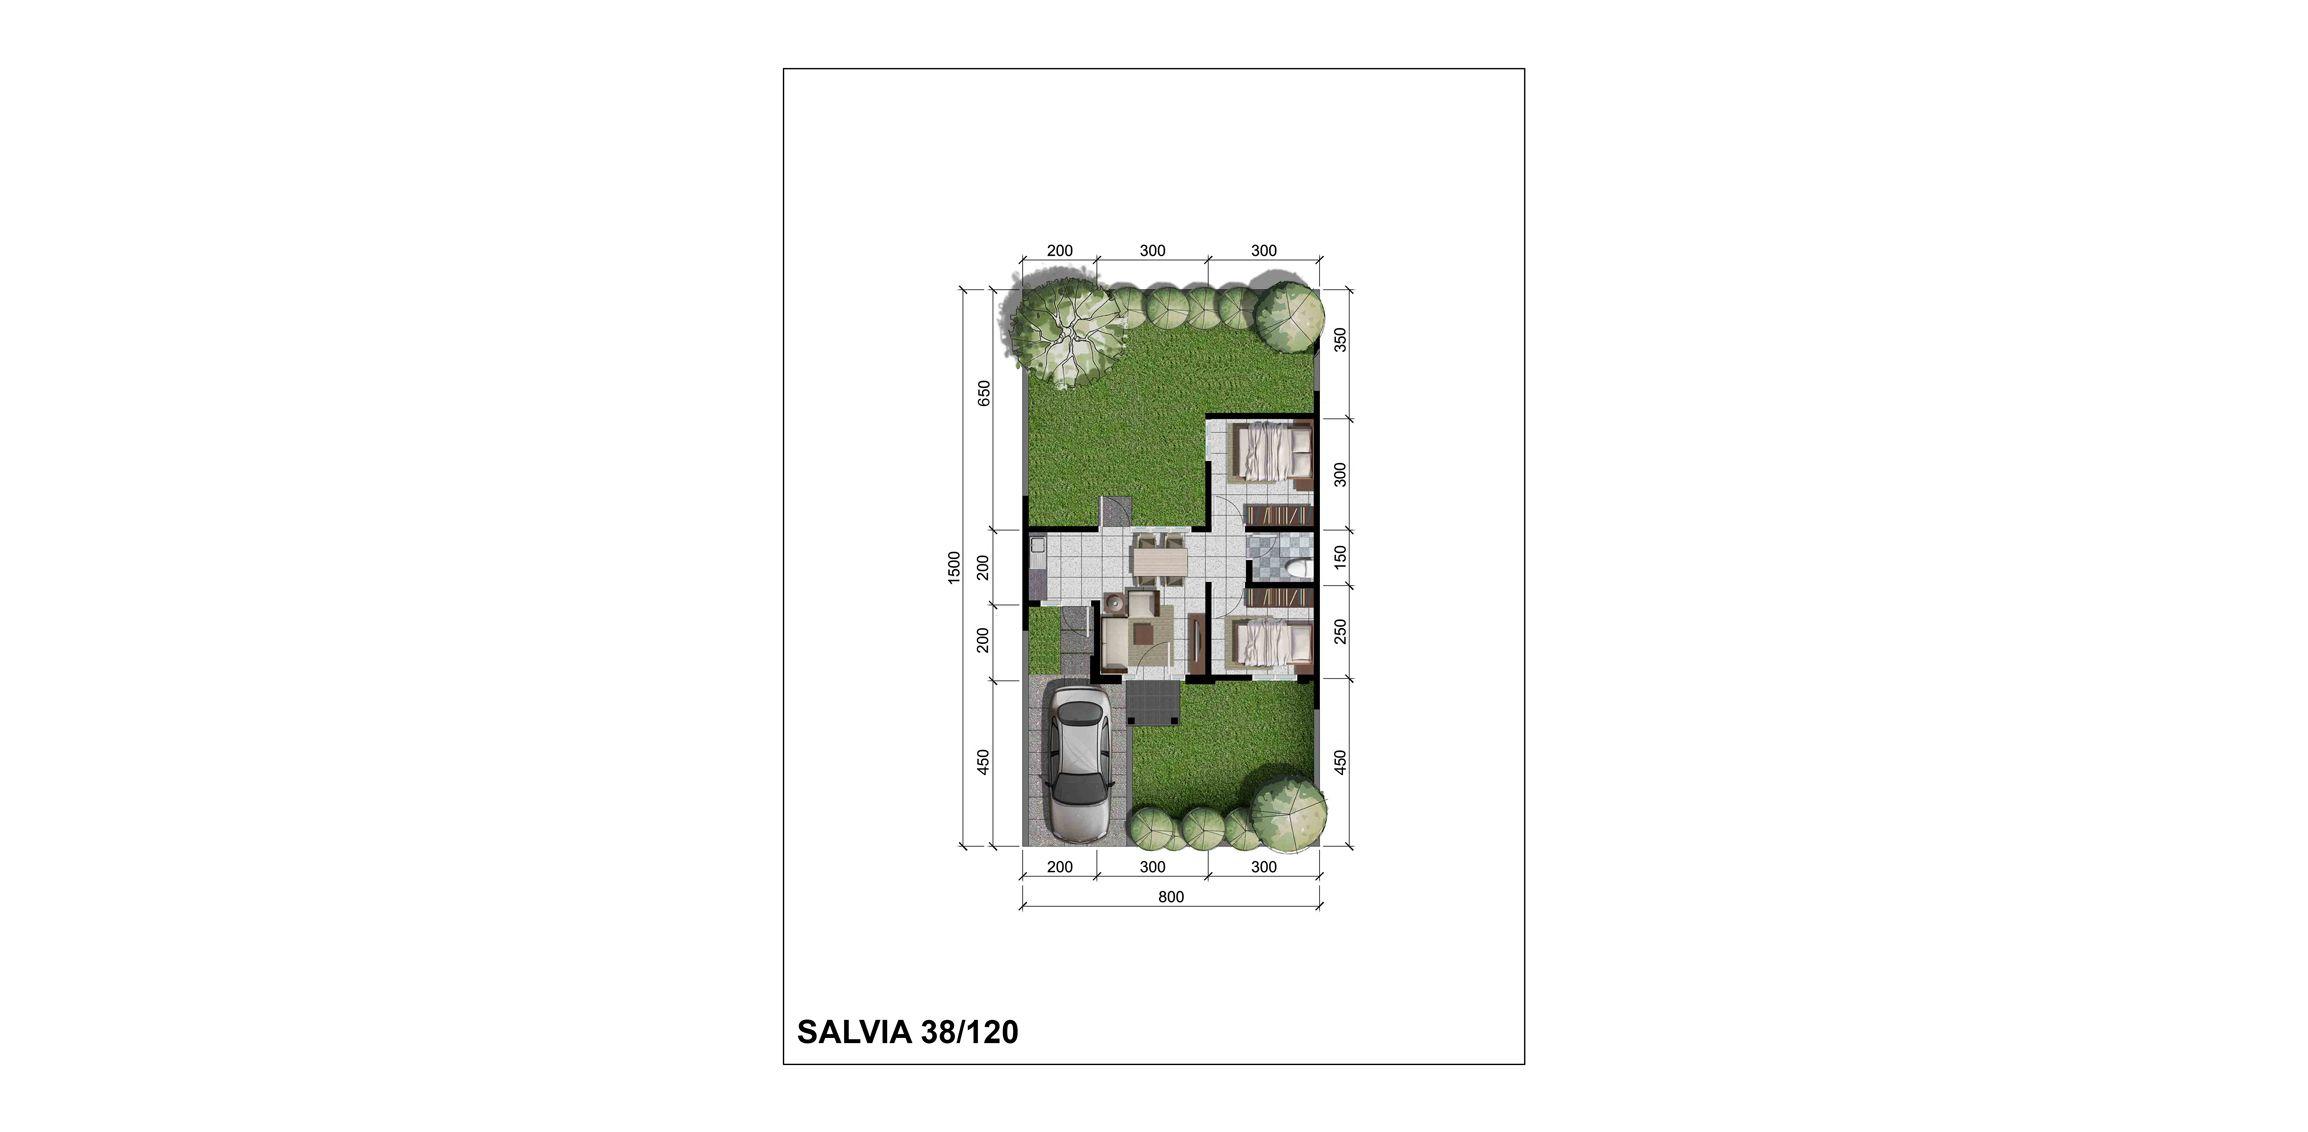 Citra Indah Cluster Bukit Salvia Tipe 38